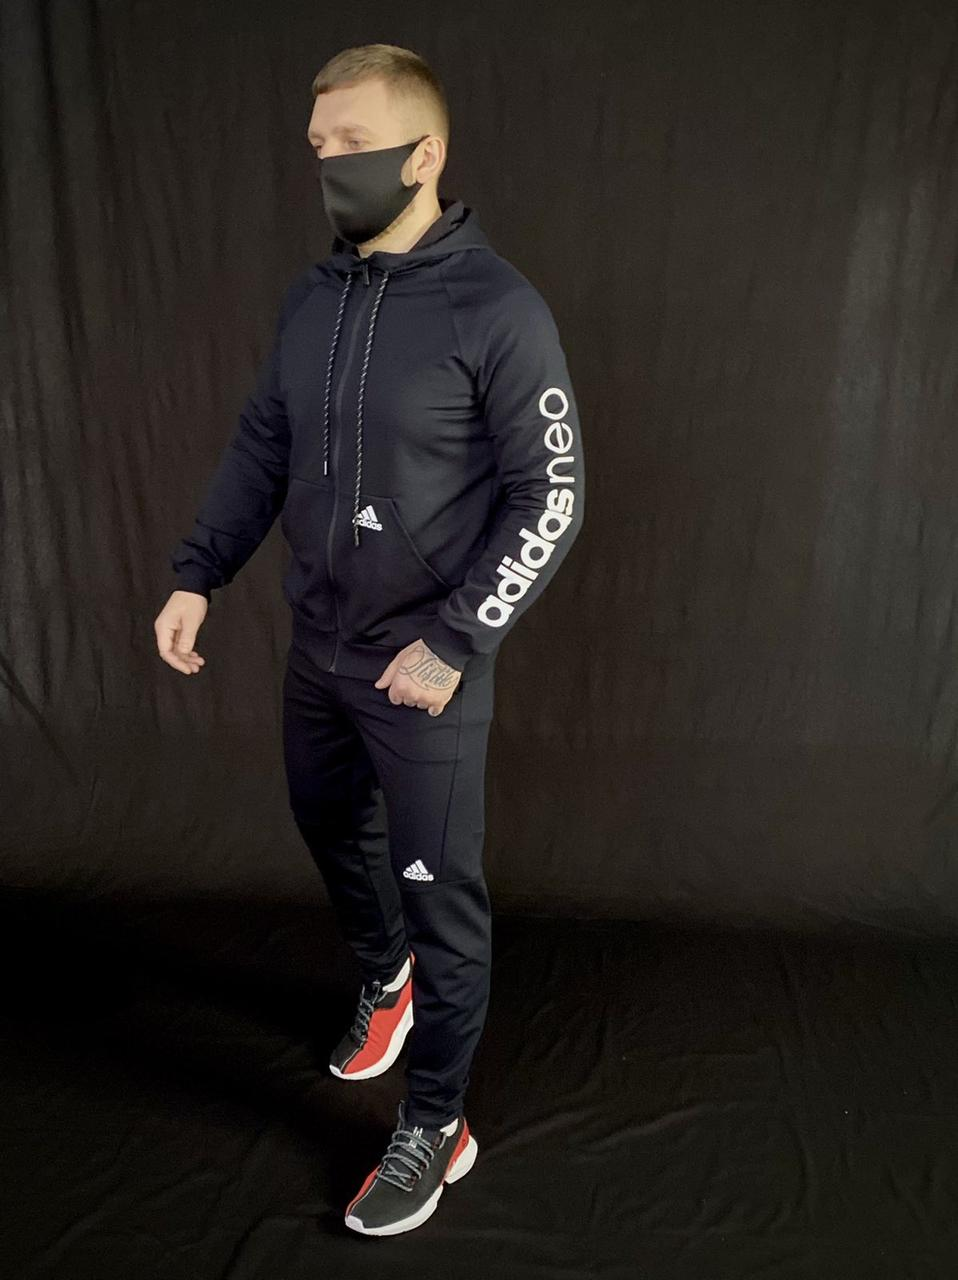 Чоловік спортивний костюм Адідас Neo чорний, якісні чоловічі спортивні штани Adidas репліка